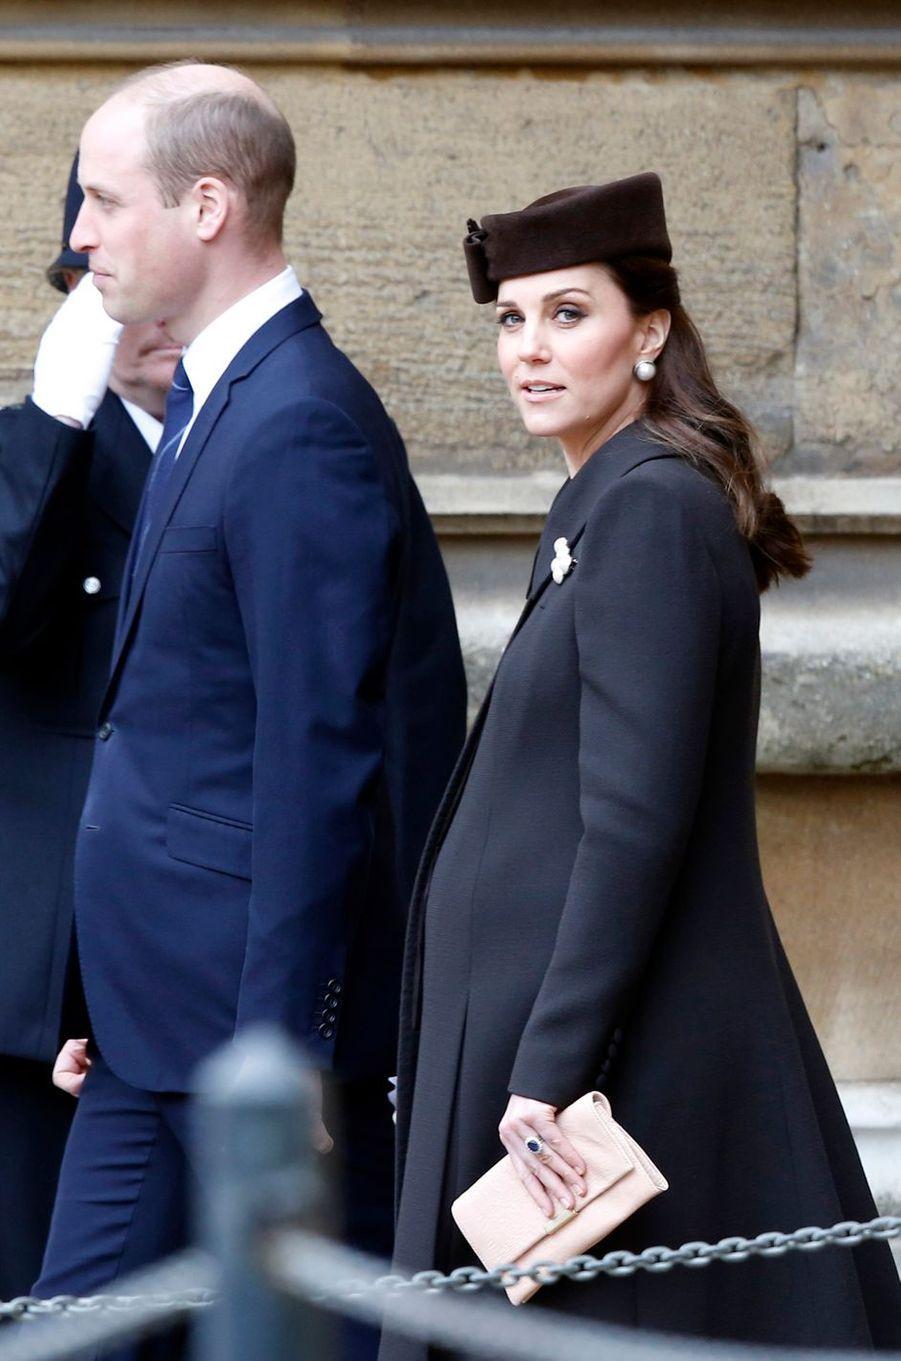 Kate Middleton à Windsor, le 1er avril 2018